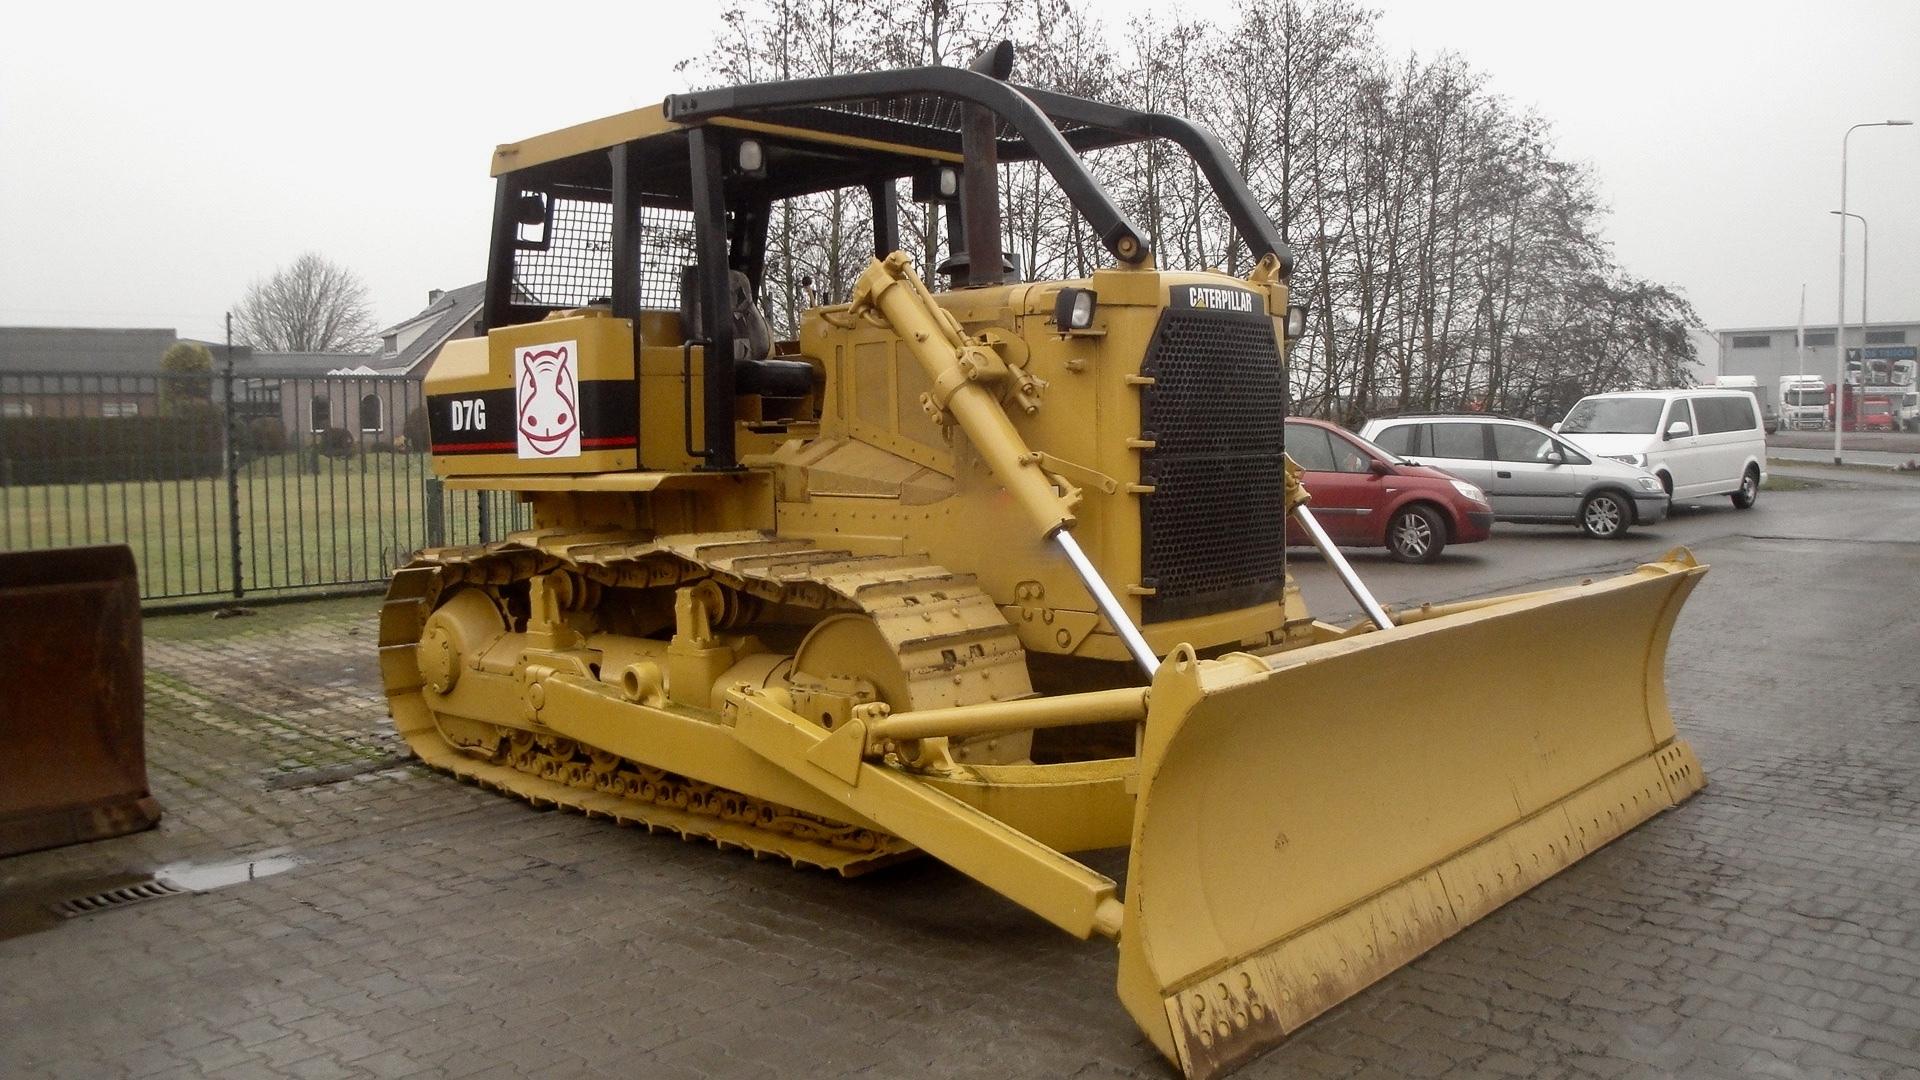 2003 - Caterpillar D7G